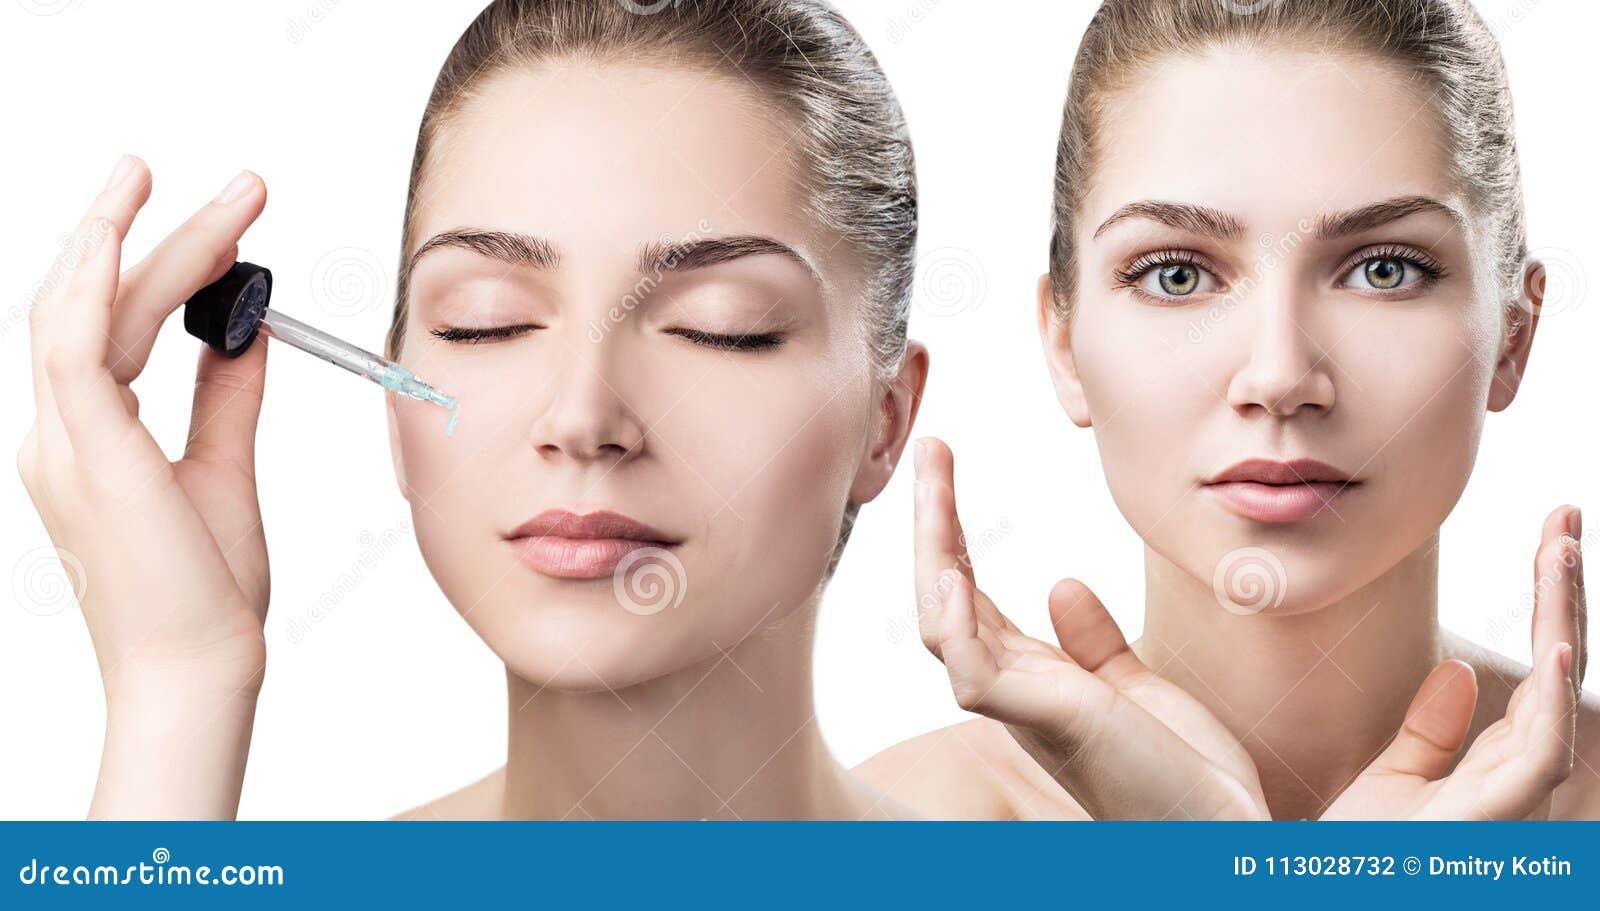 Los cosméticos engrasan la aplicación en cara de la mujer joven